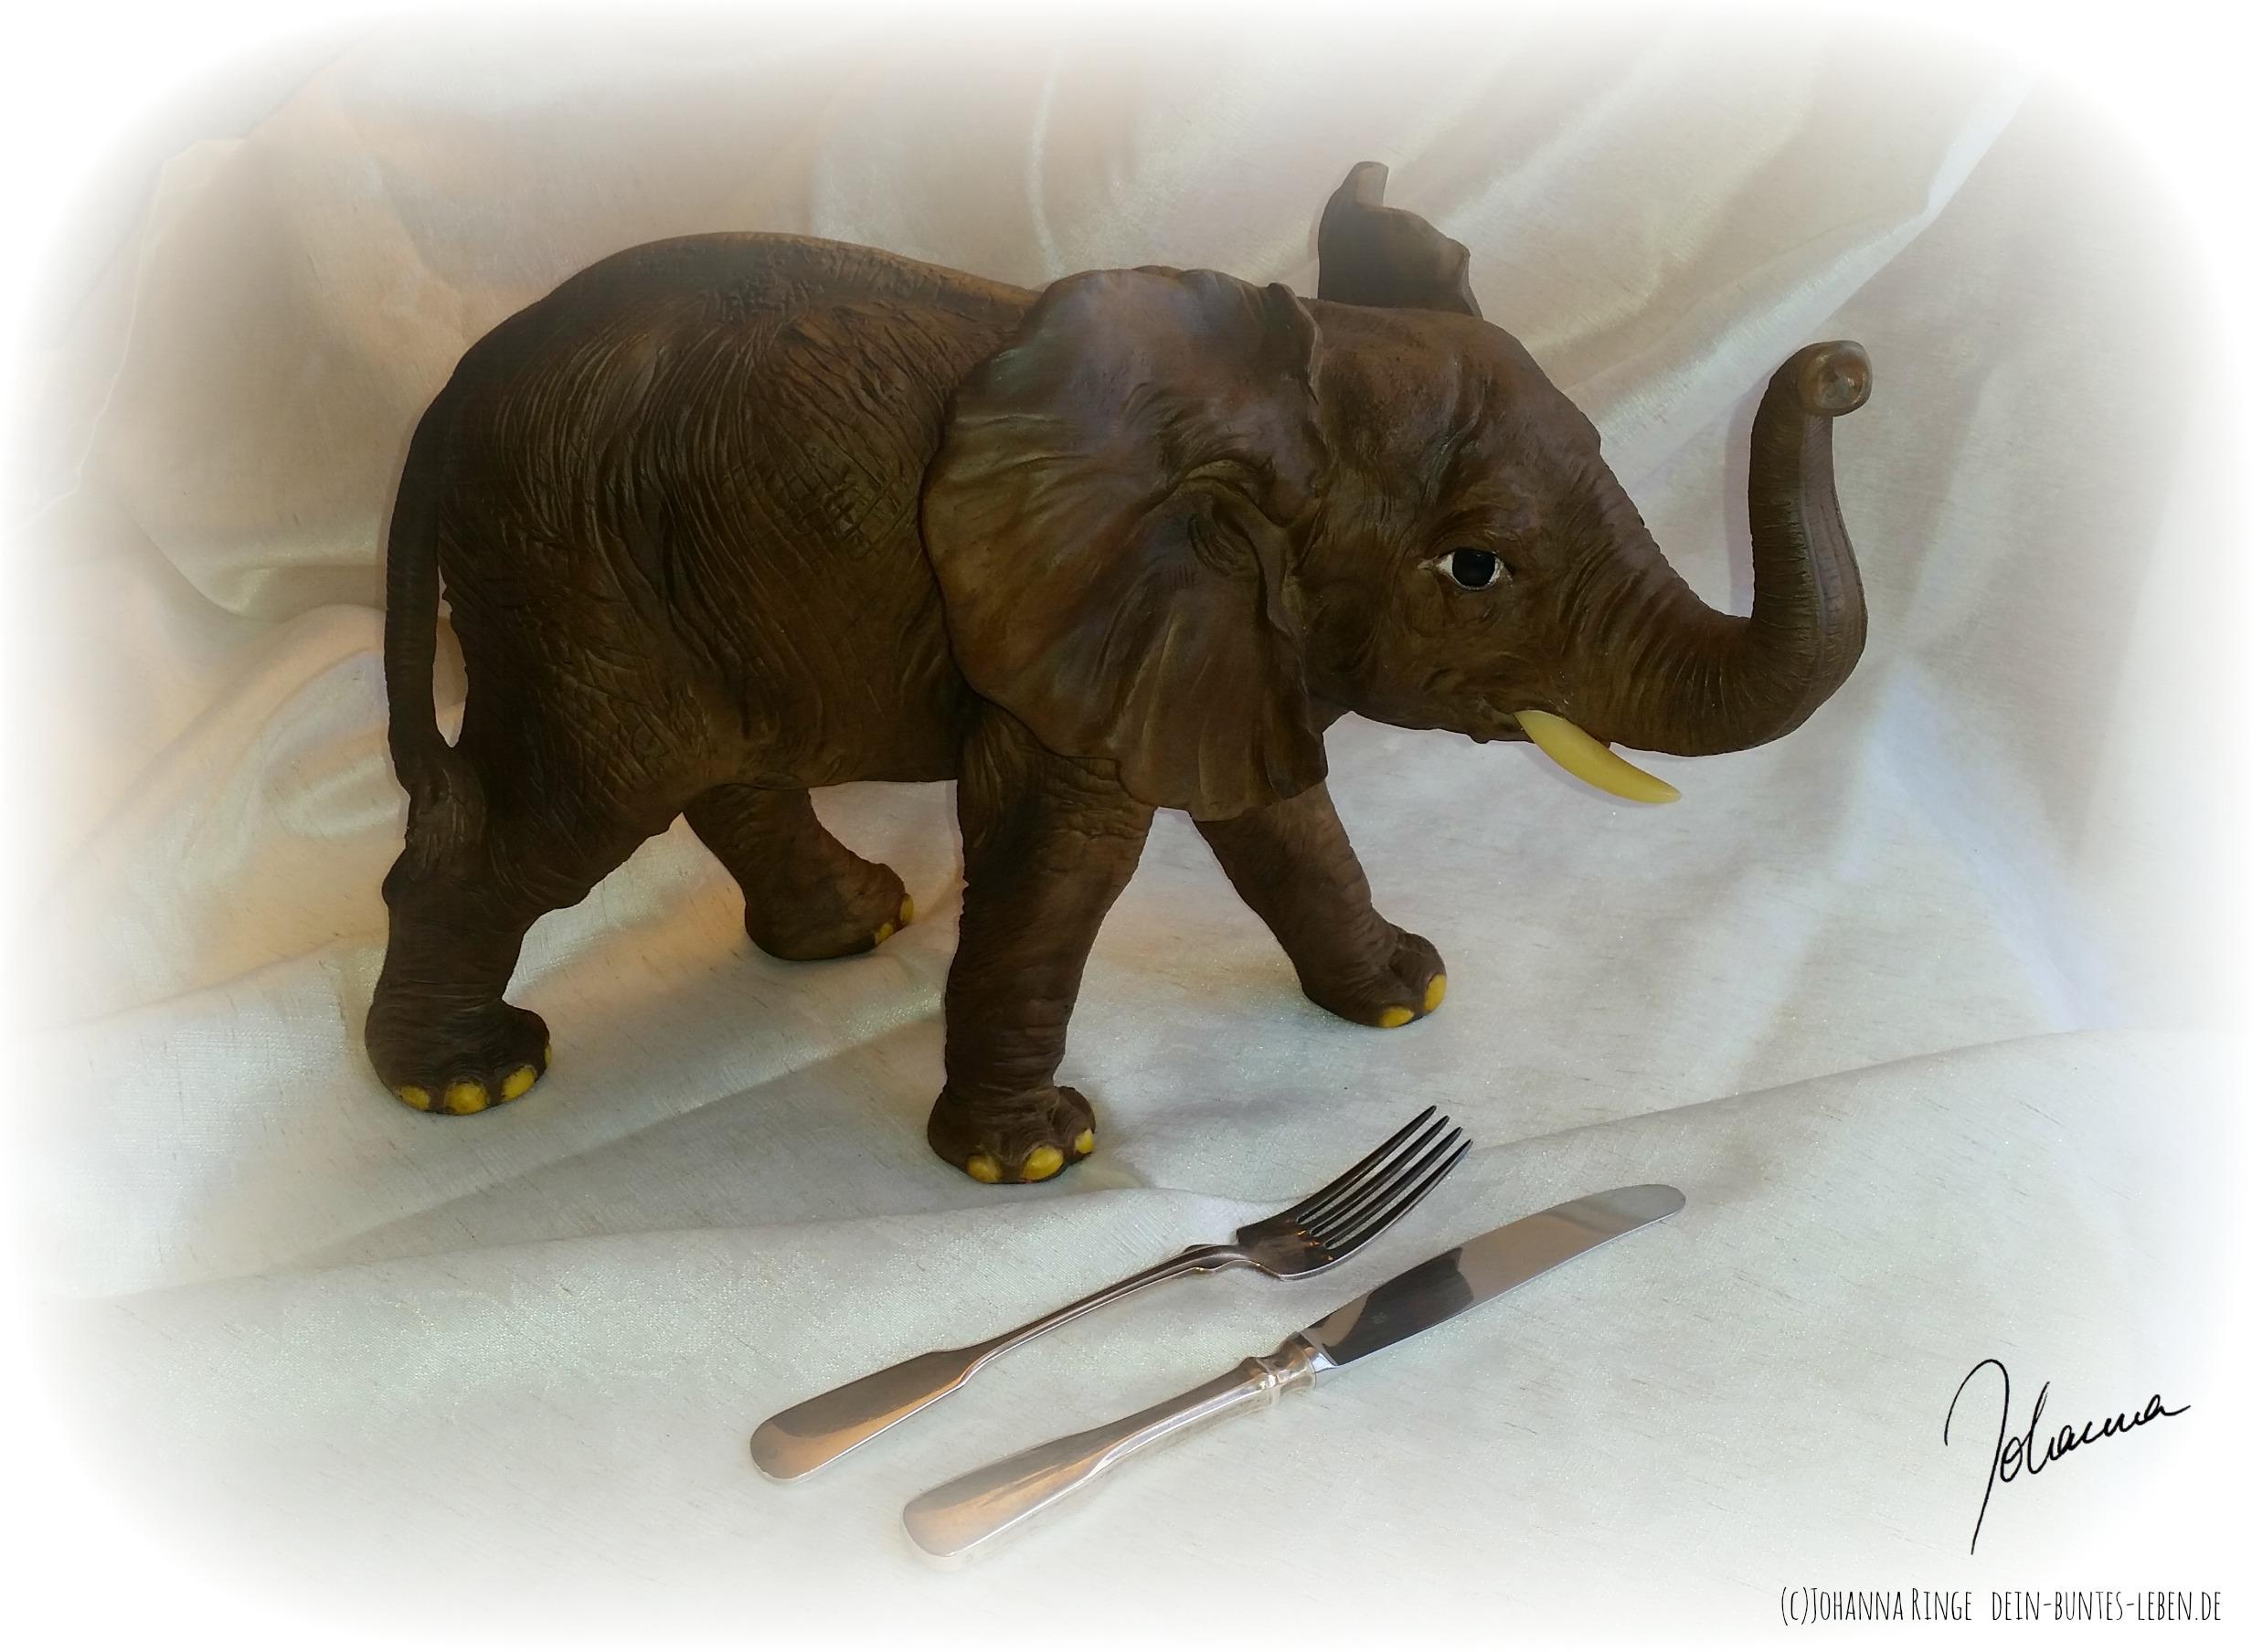 Heute essen wir einen elefanten, einen Bissen nach dem anderen...(c) Johanna Ringe